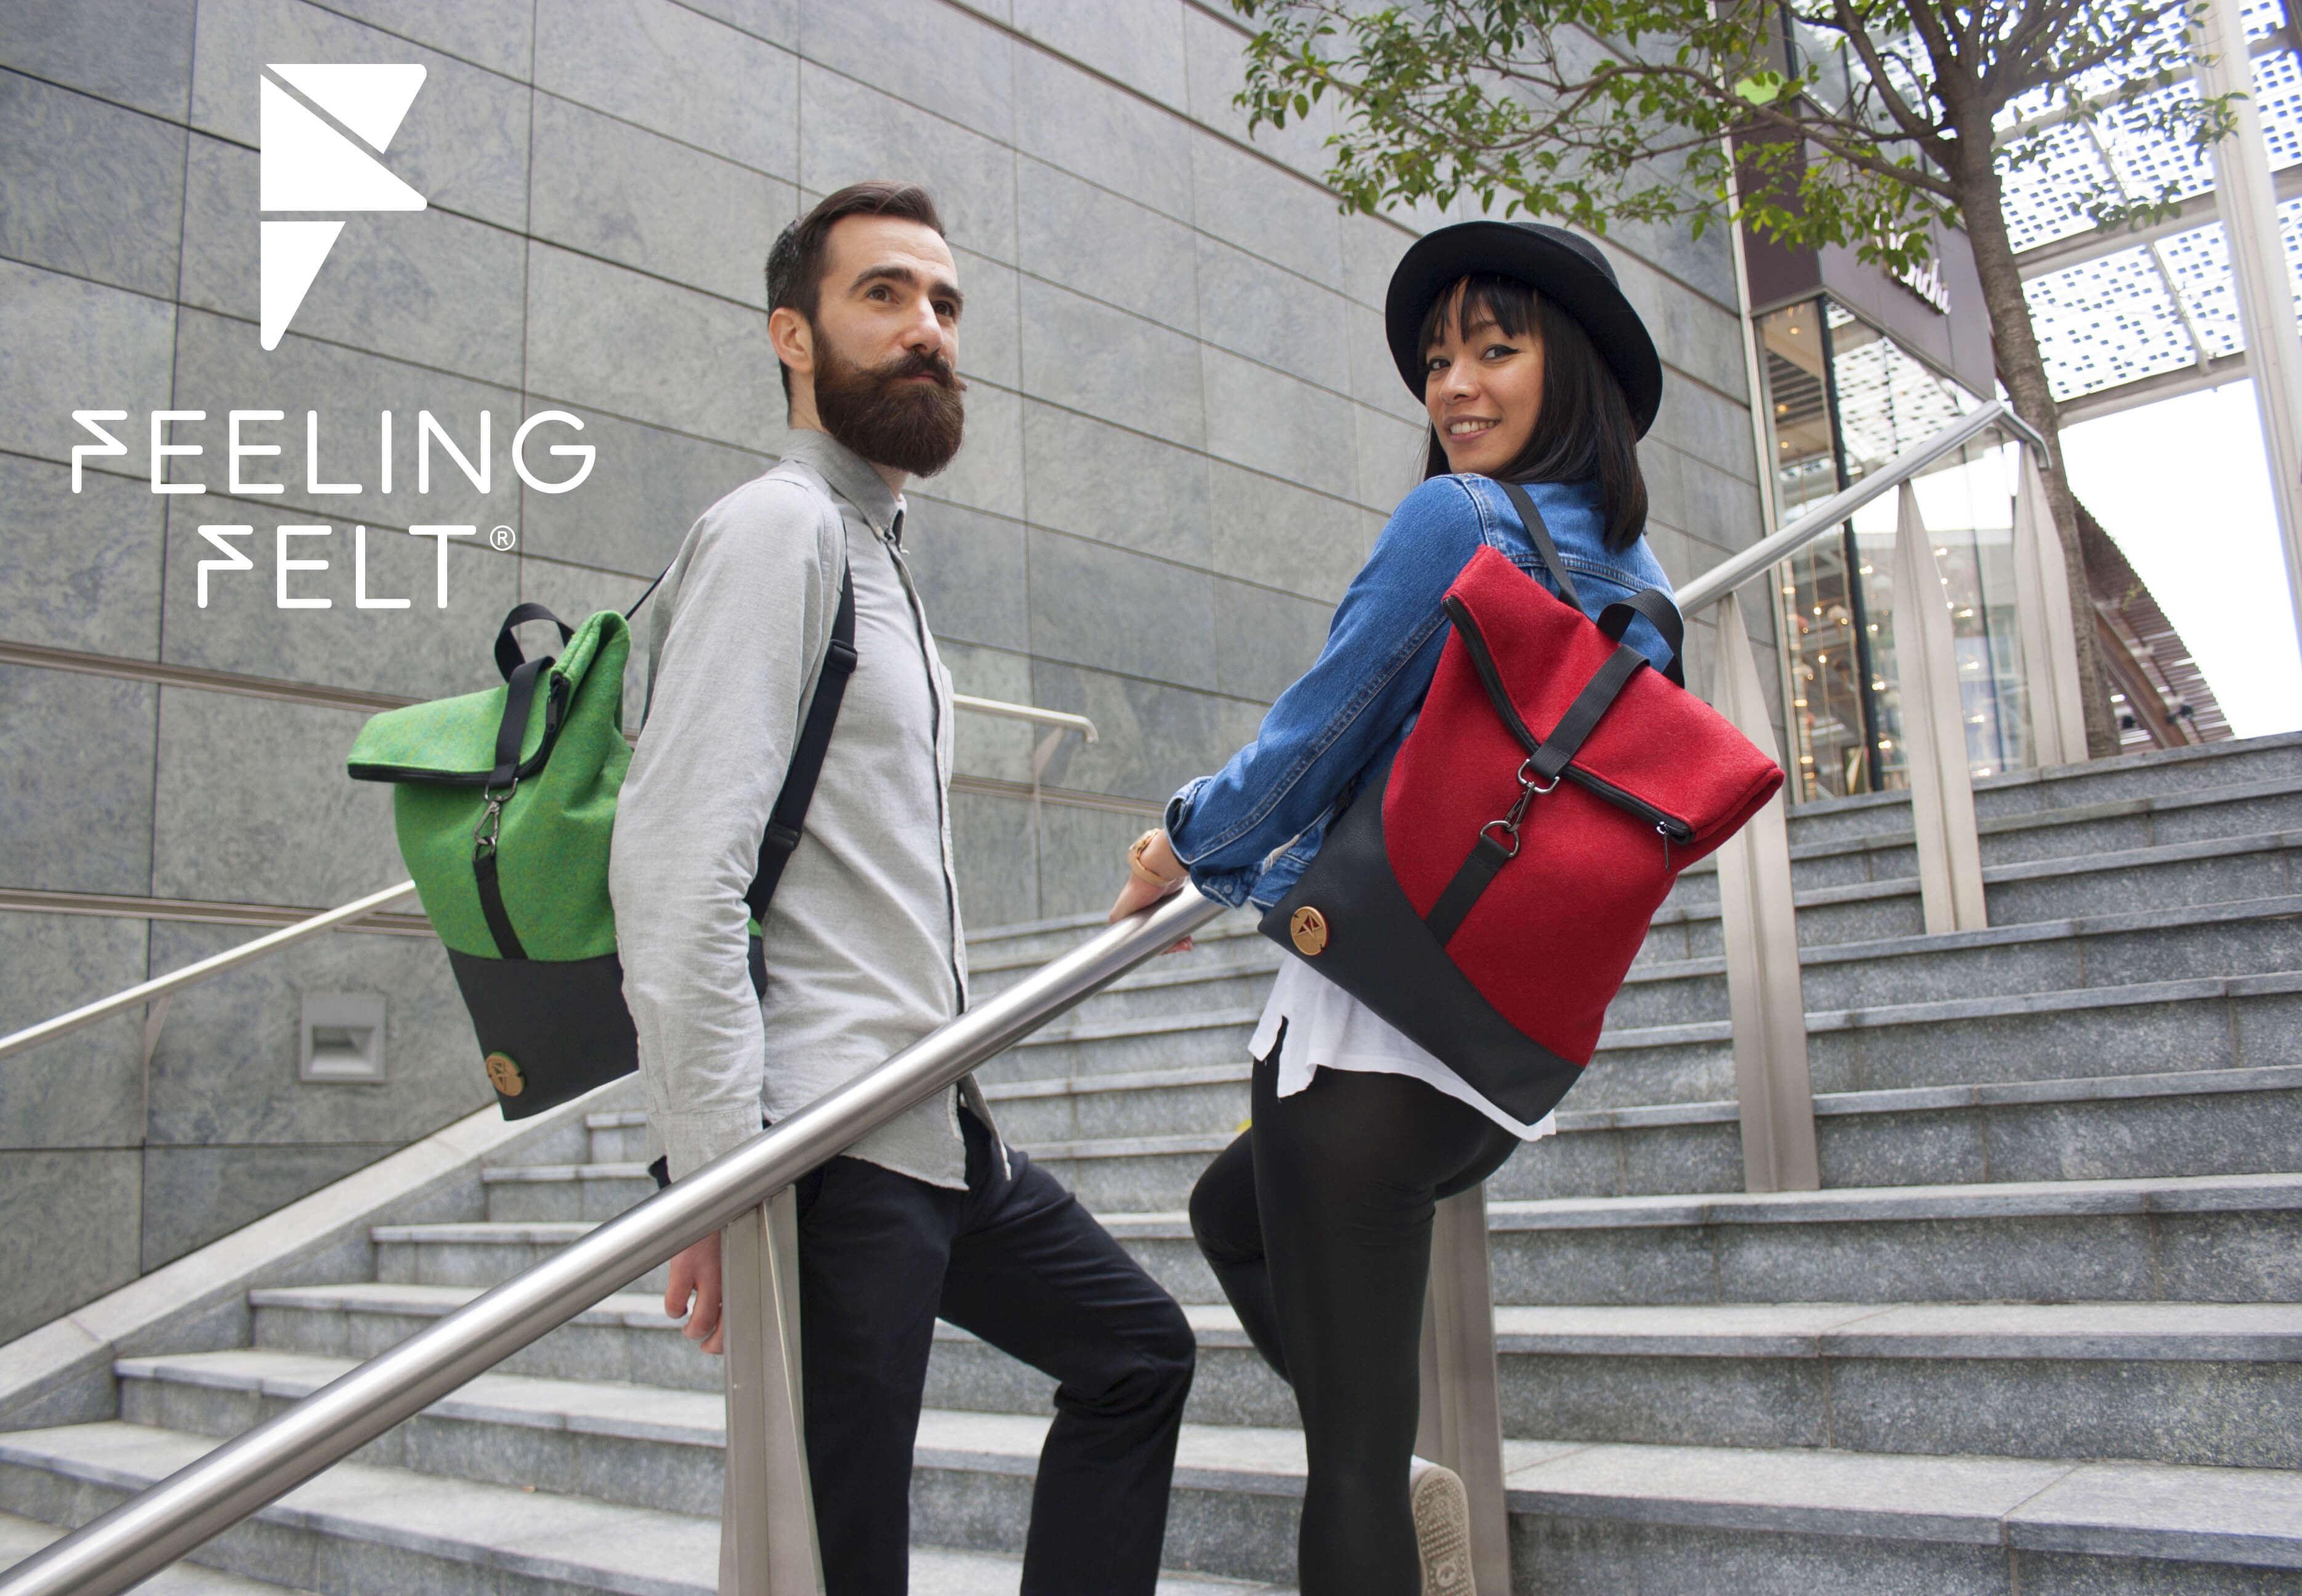 Dos modelos posan con mochilas de Feeling Felt